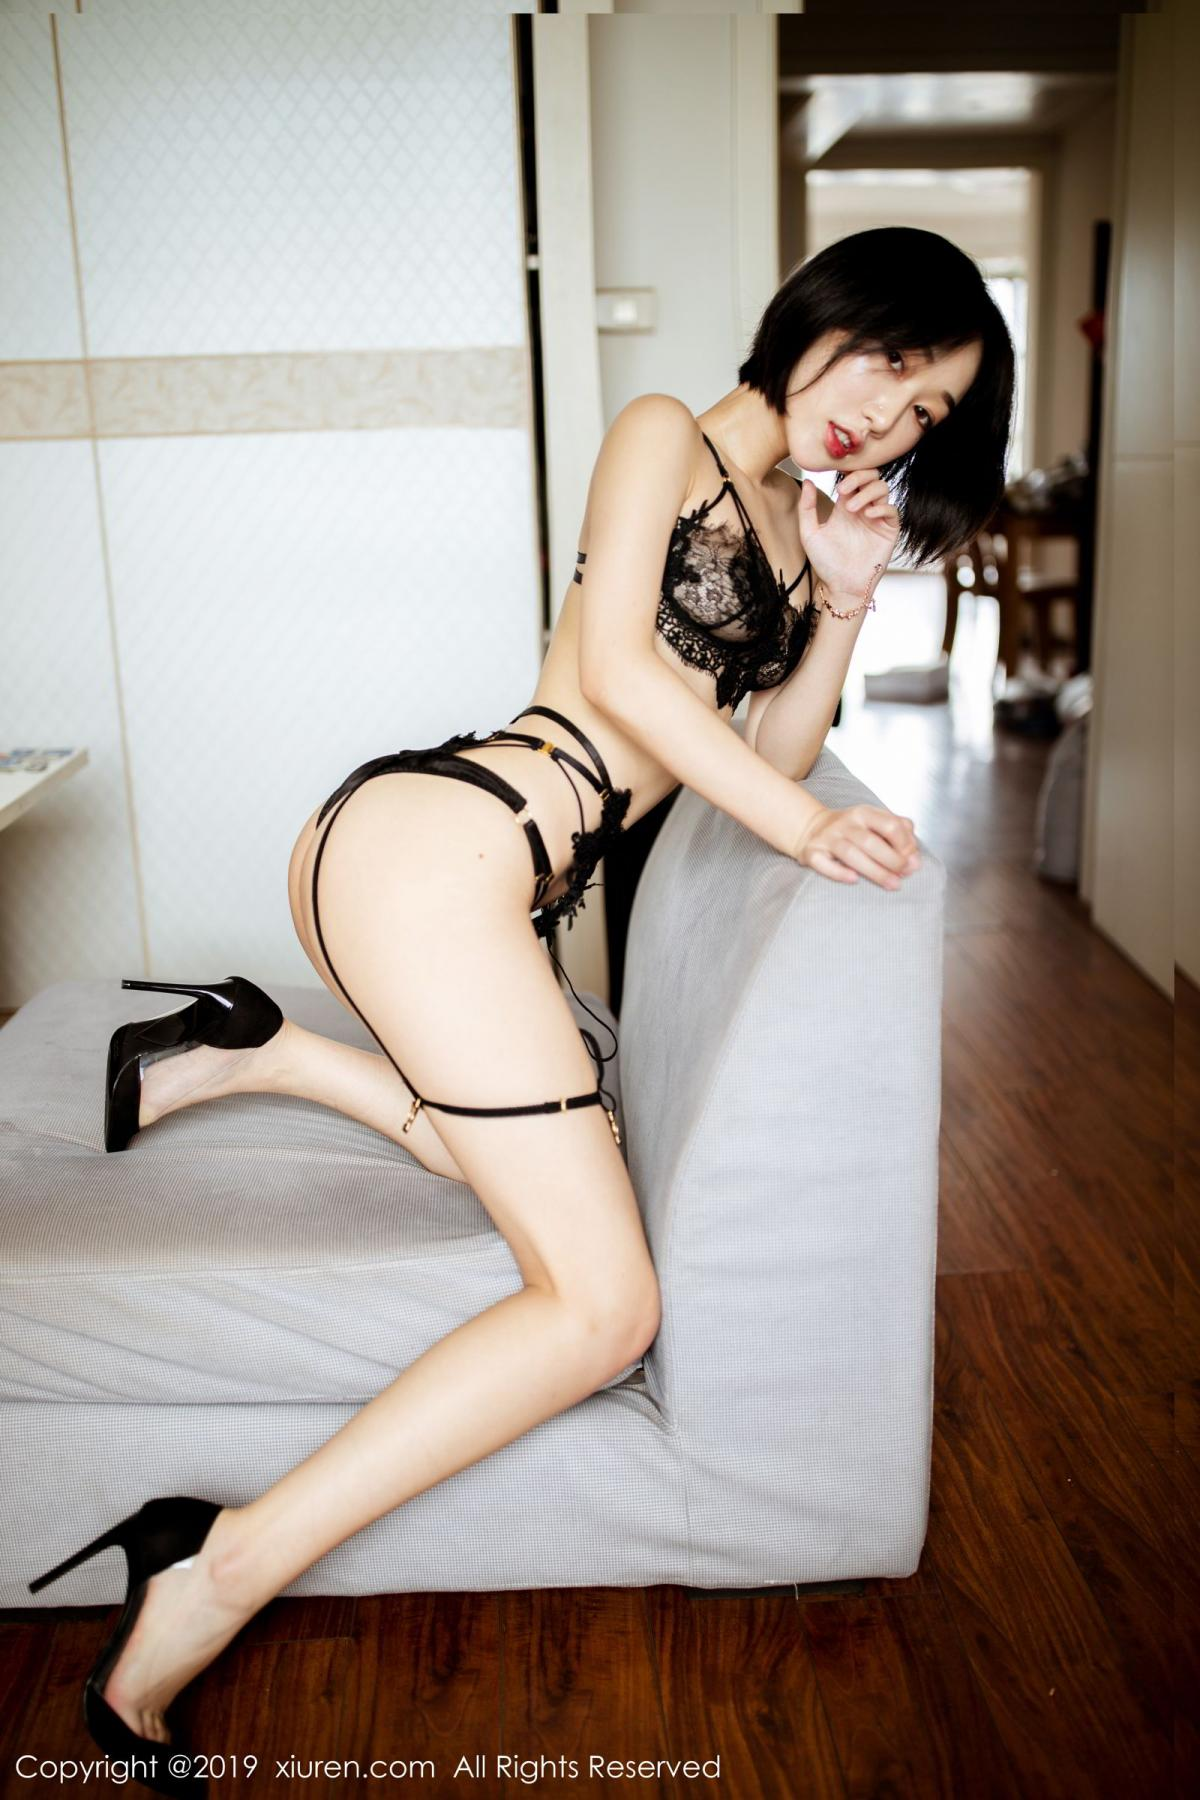 [XiuRen] Vol.1618 Xiao Jiu Yue 15P, Pure, Underwear, Xiao Jiu Yue, Xiuren